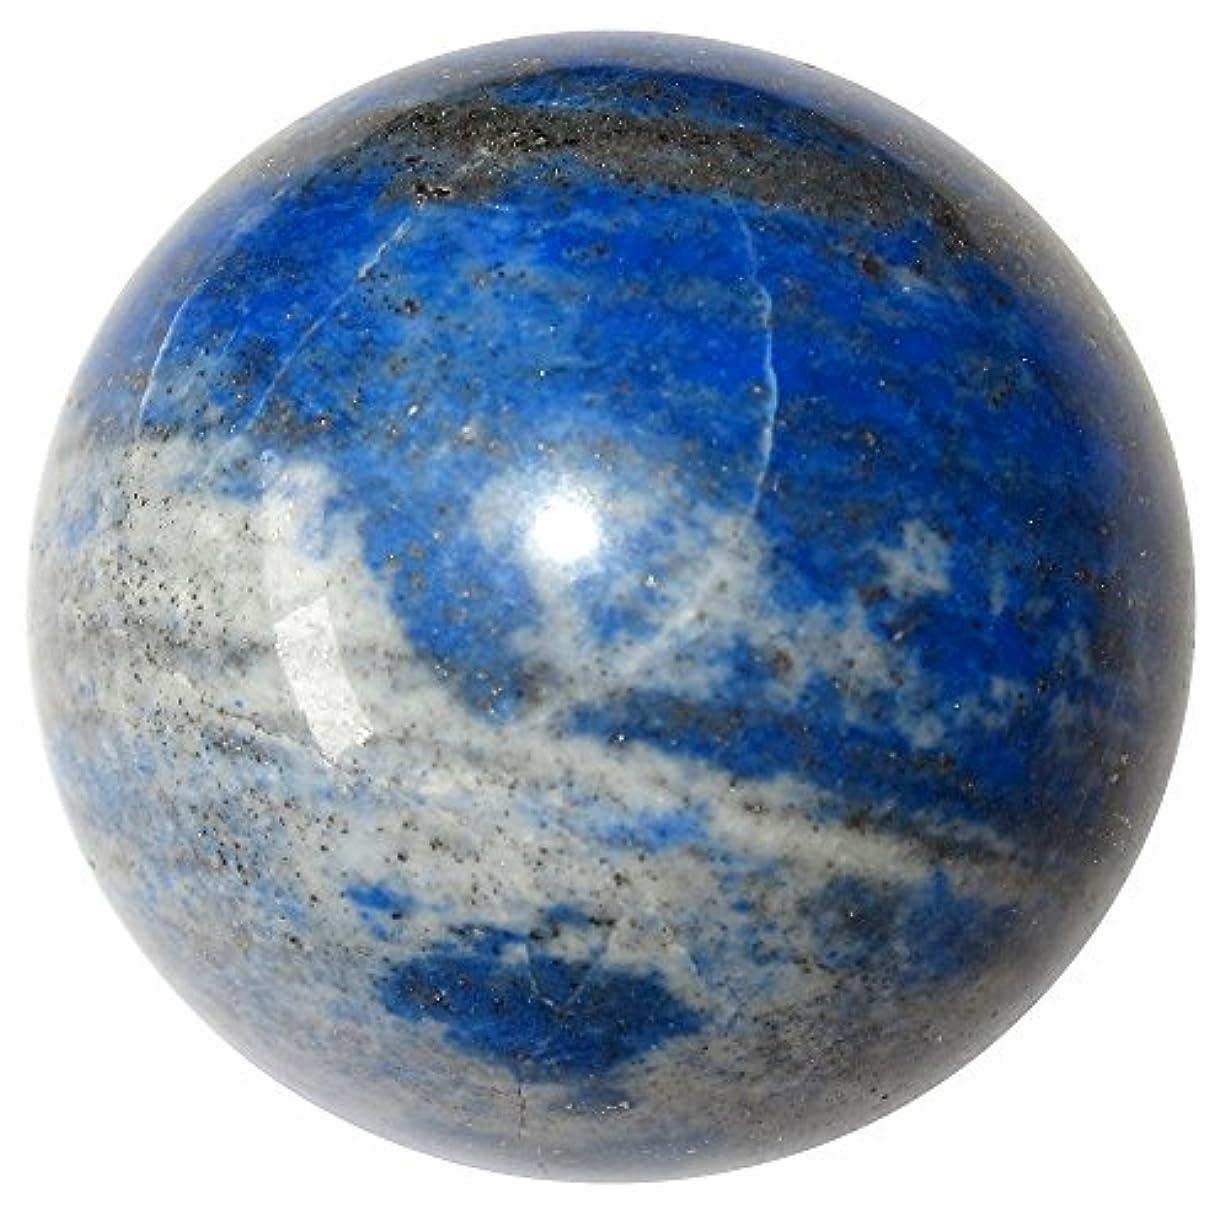 人工やろうによってサテンクリスタルLapisボールプレミアムブルーLazuli Third Eye Chakra直感的なHealing Precious Stone球p03 1.6 Inches ブルー lapisball03-afghanearth...